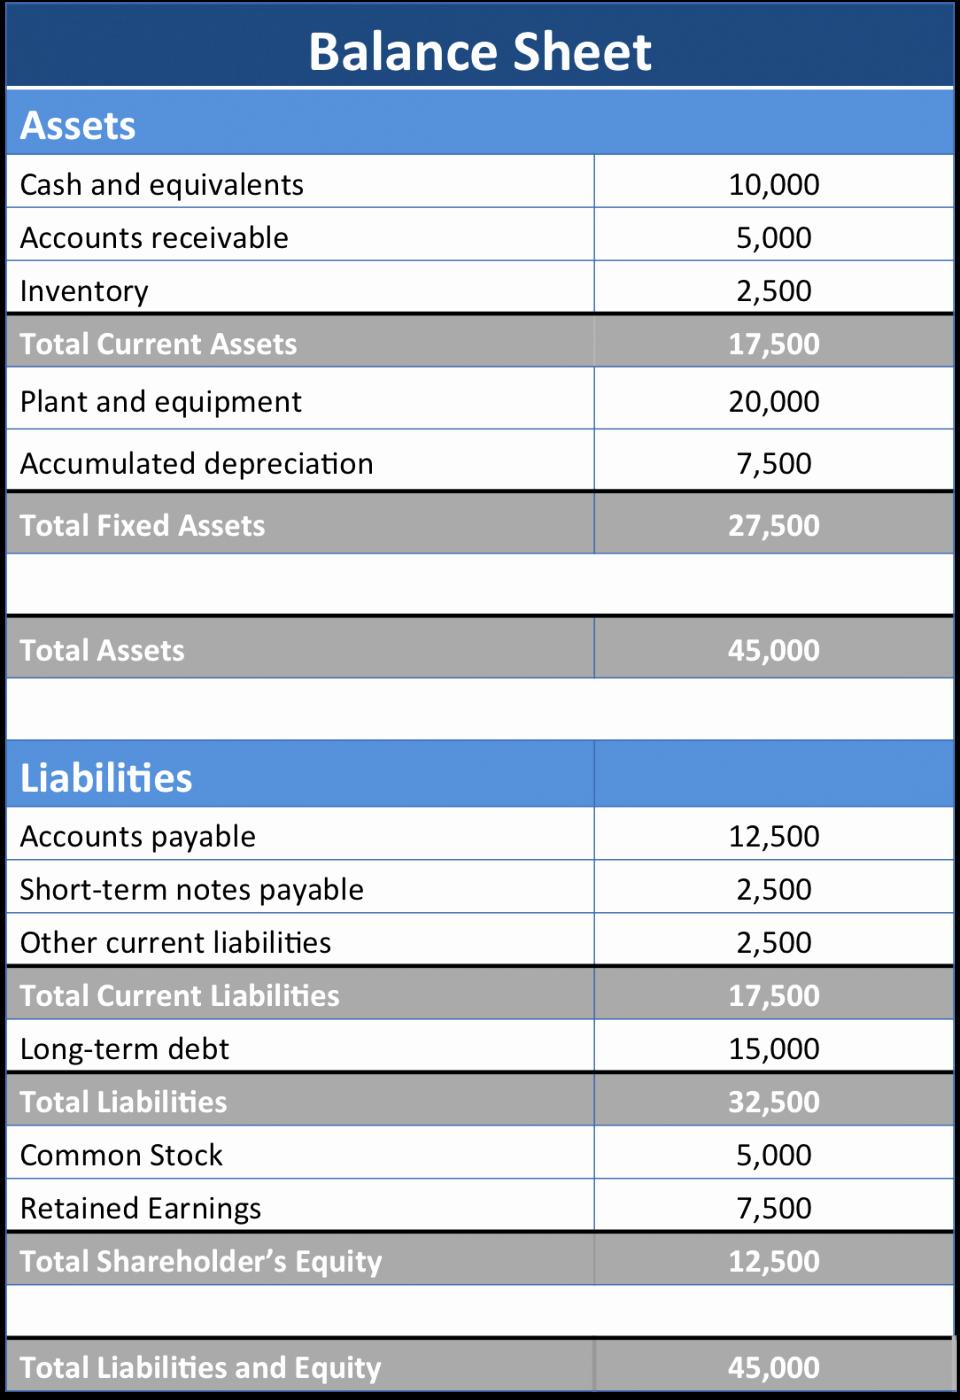 Real Estate Balance Sheet Sample Luxury Balance Sheet Template for Real Estate Example form Blank